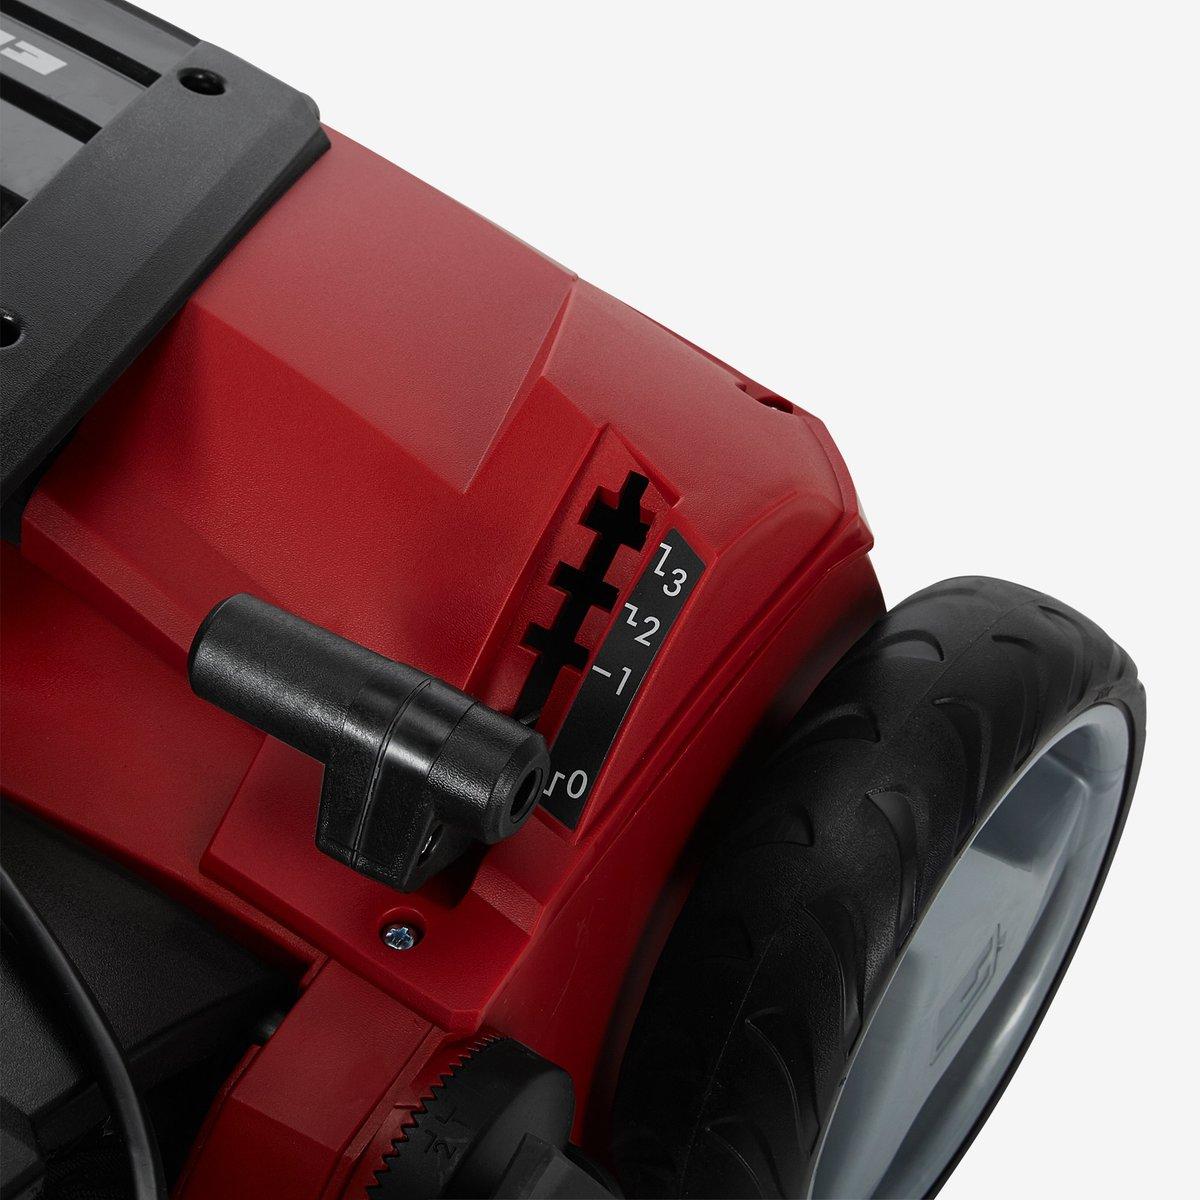 Bild 4 von Einhell -              Einhell Elektro-Vertikutierer 'Expert' GE-SA 1435